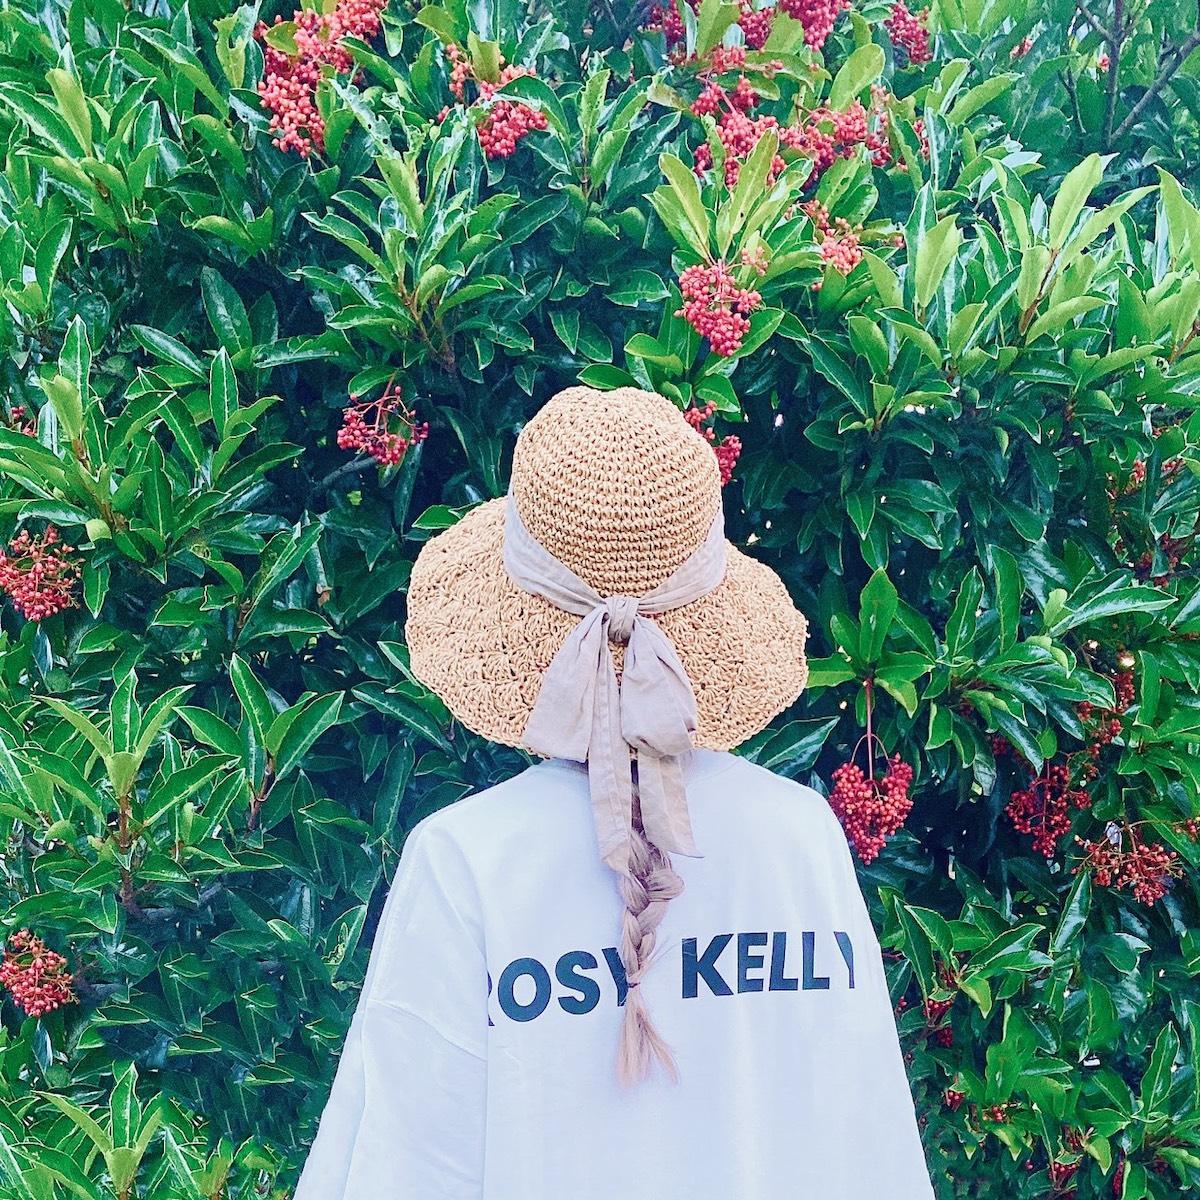 ROSY KELLYオリジナルTシャツ